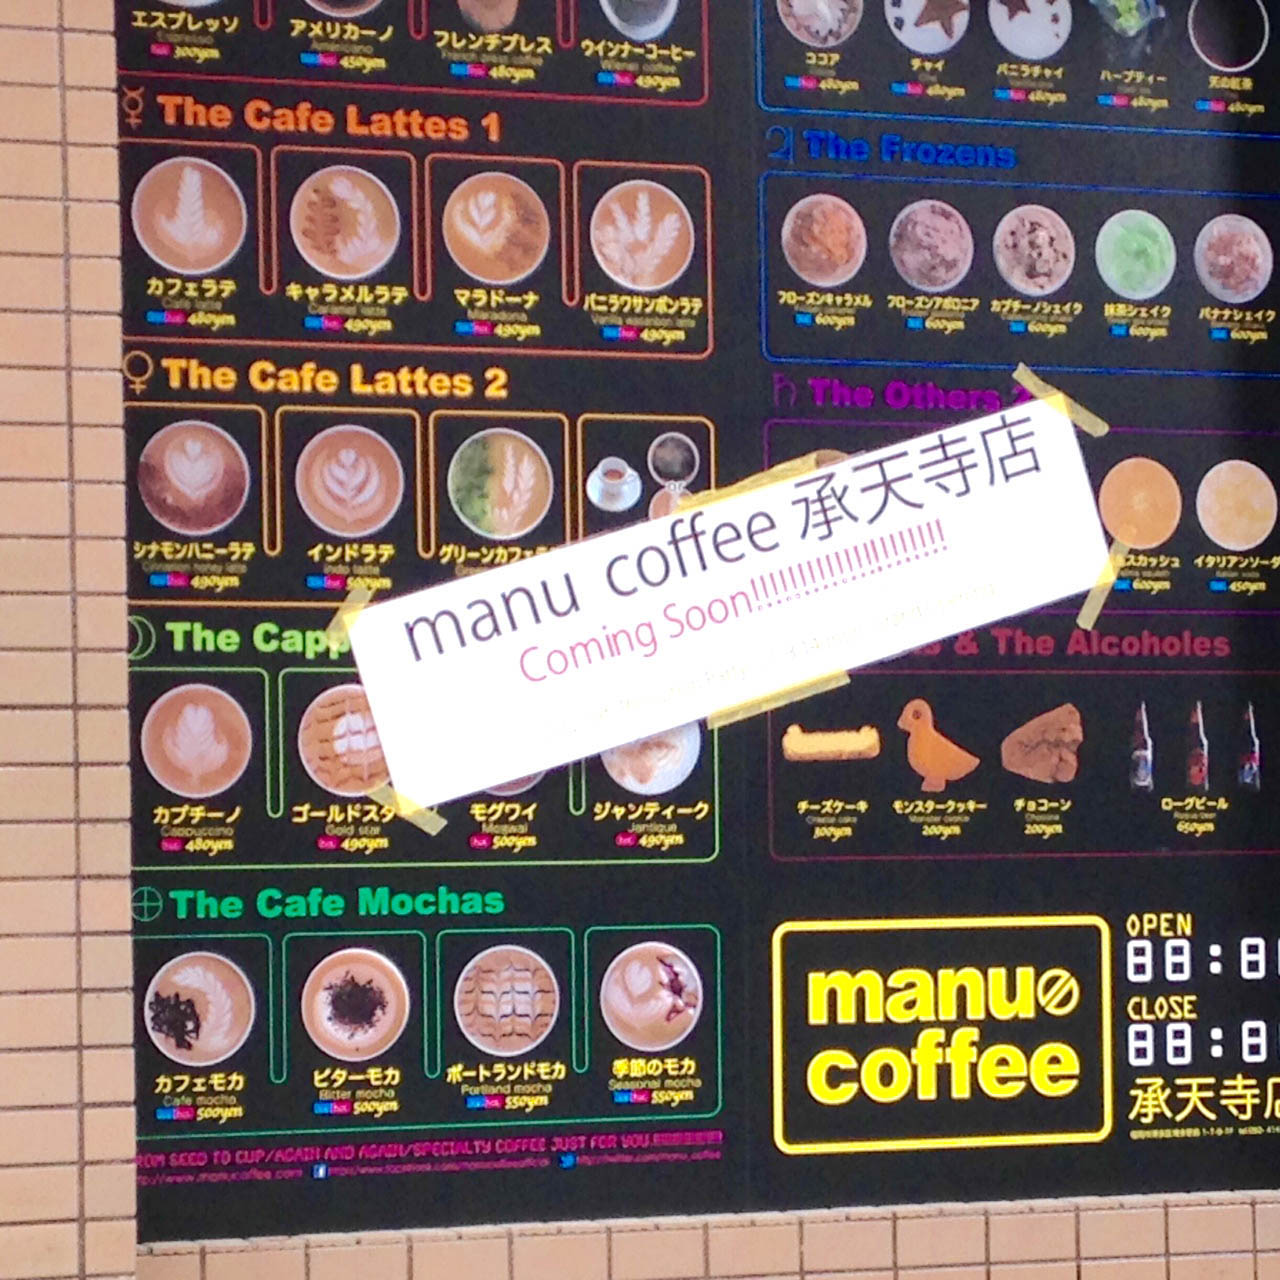 マヌコーヒー 承天寺店_f0171785_1747267.jpg